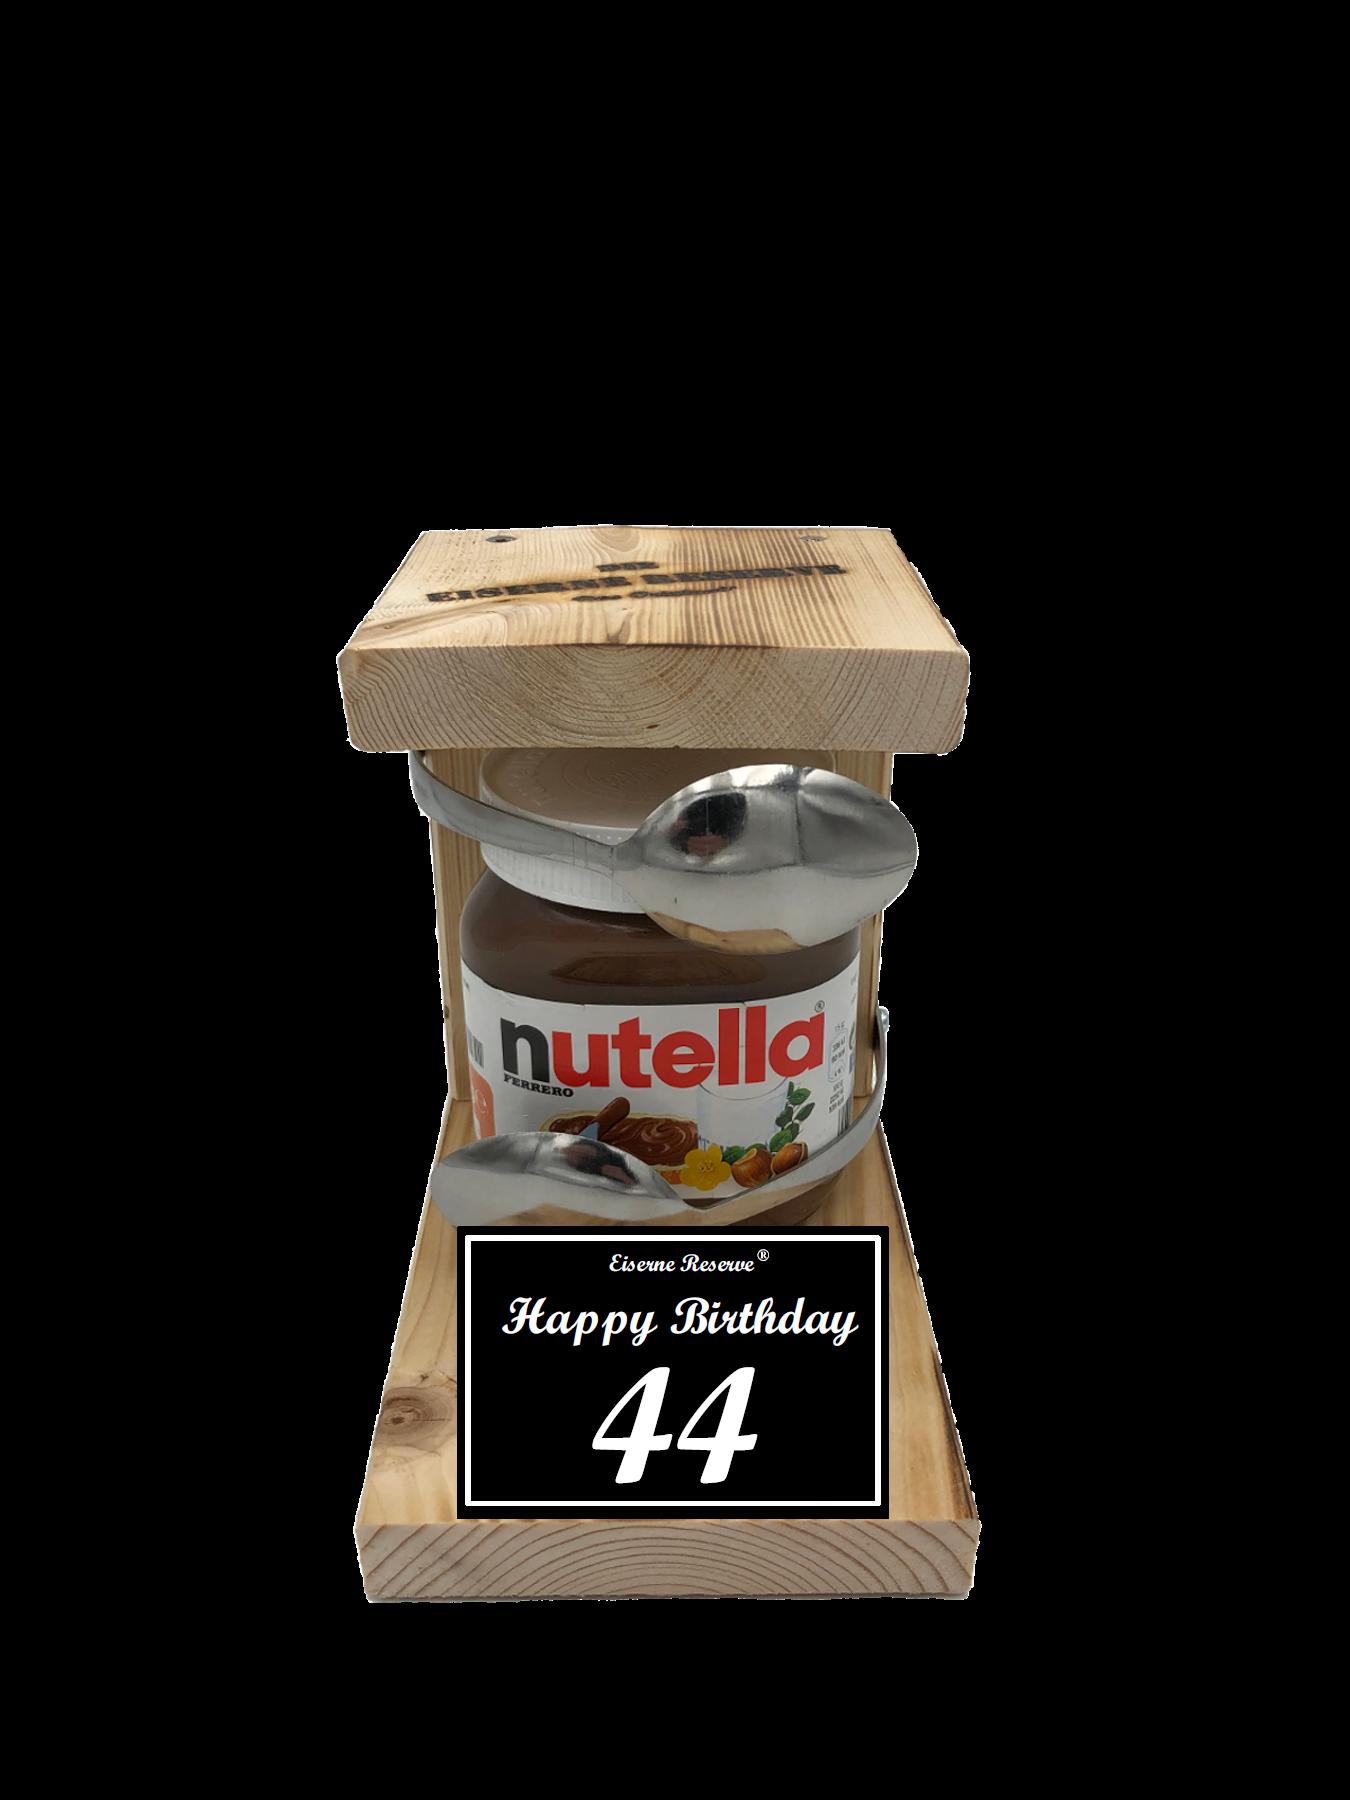 44 Happy Birthday Löffel Nutella Geschenk - Die Nutella Geschenkidee